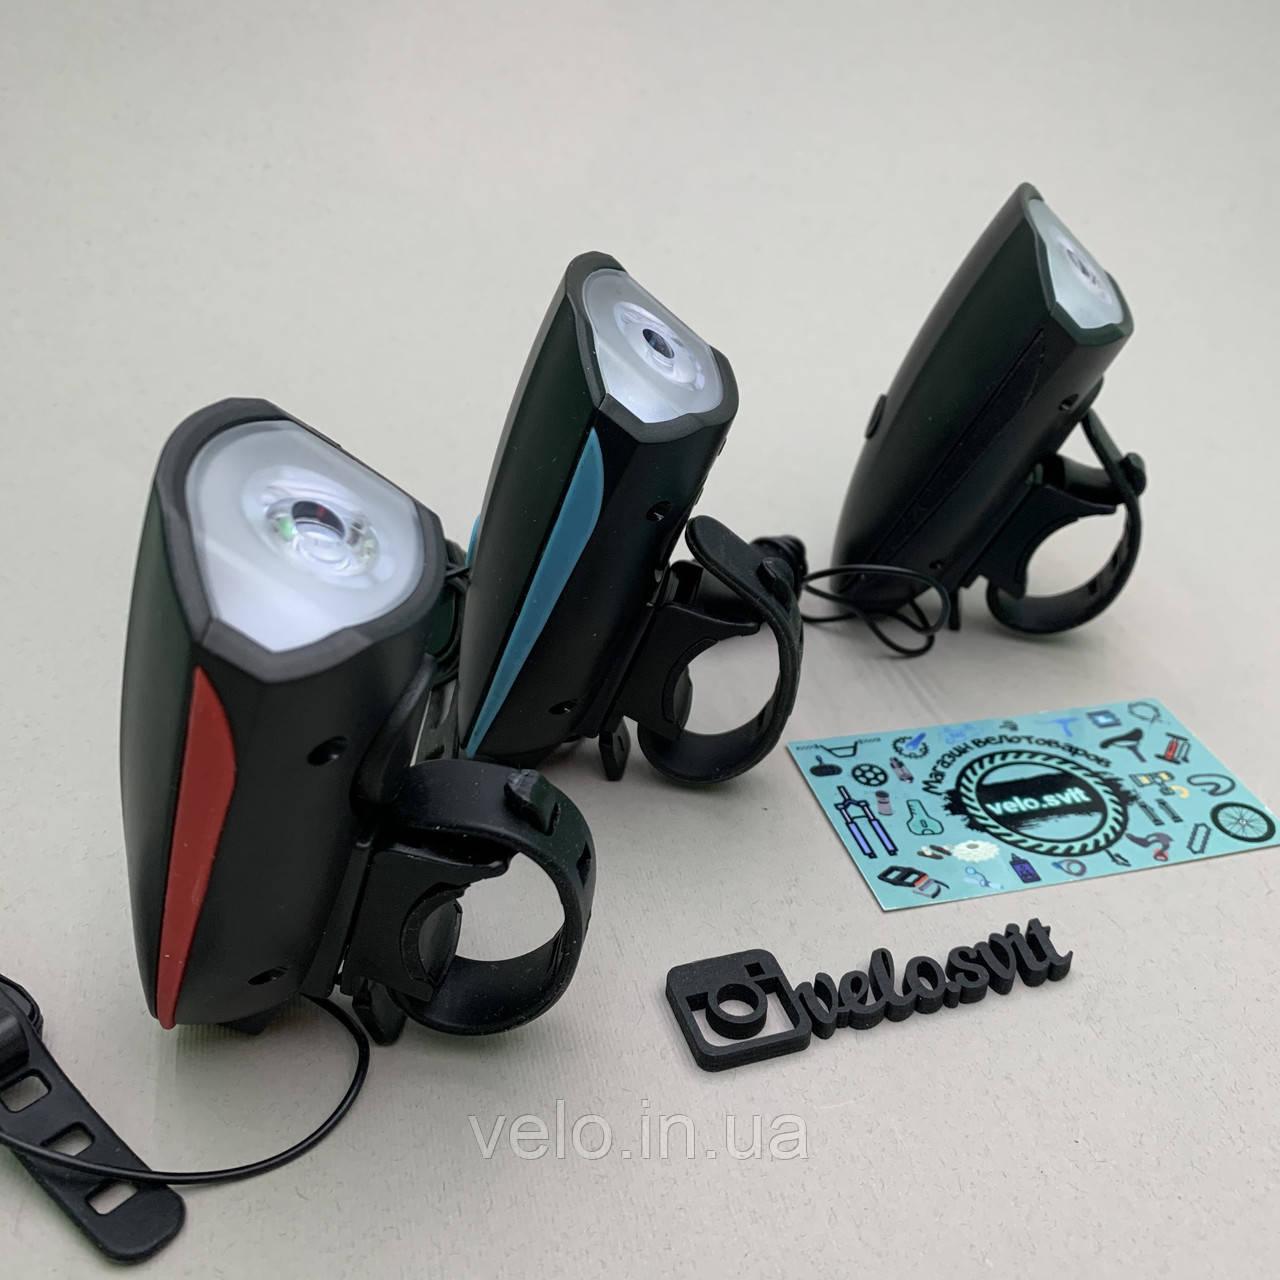 Передня велосипедна фара + сигнал Robesbon USB